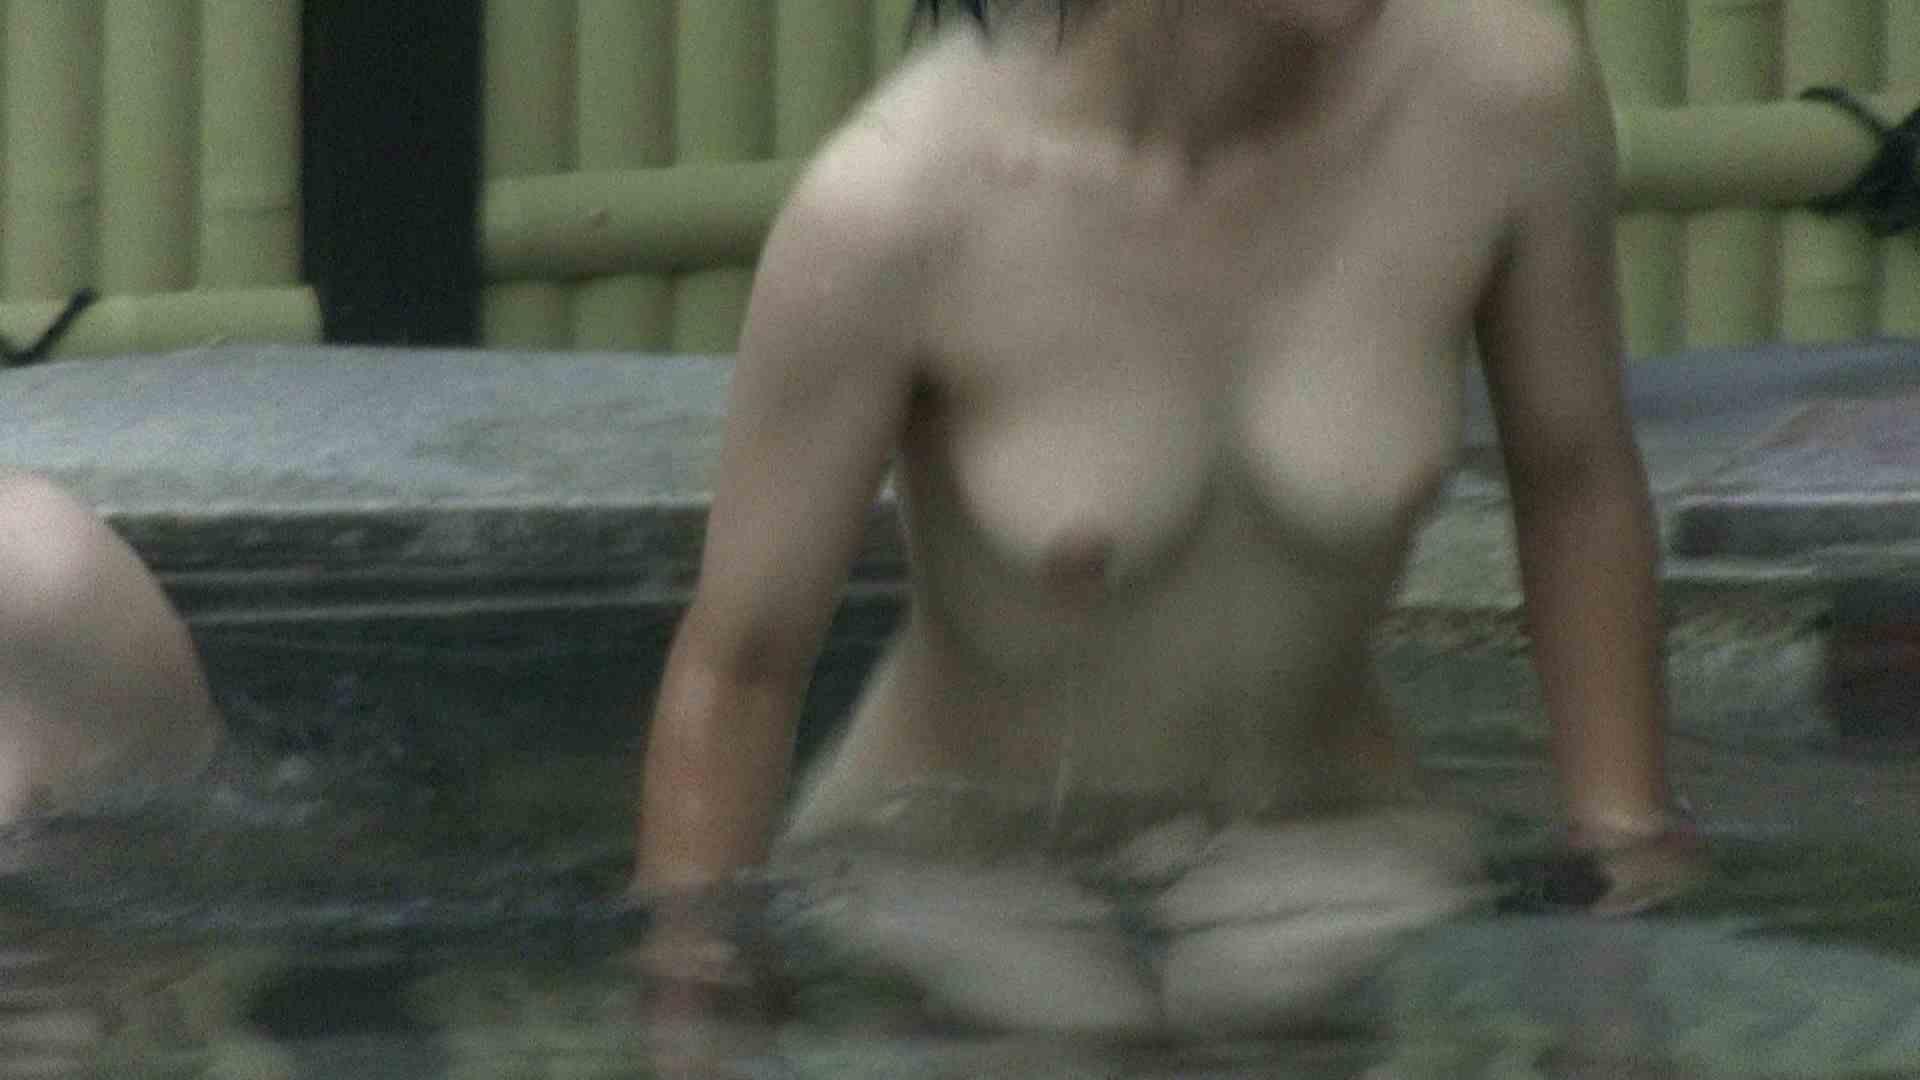 Aquaな露天風呂Vol.179 盗撮 オメコ動画キャプチャ 105連発 26